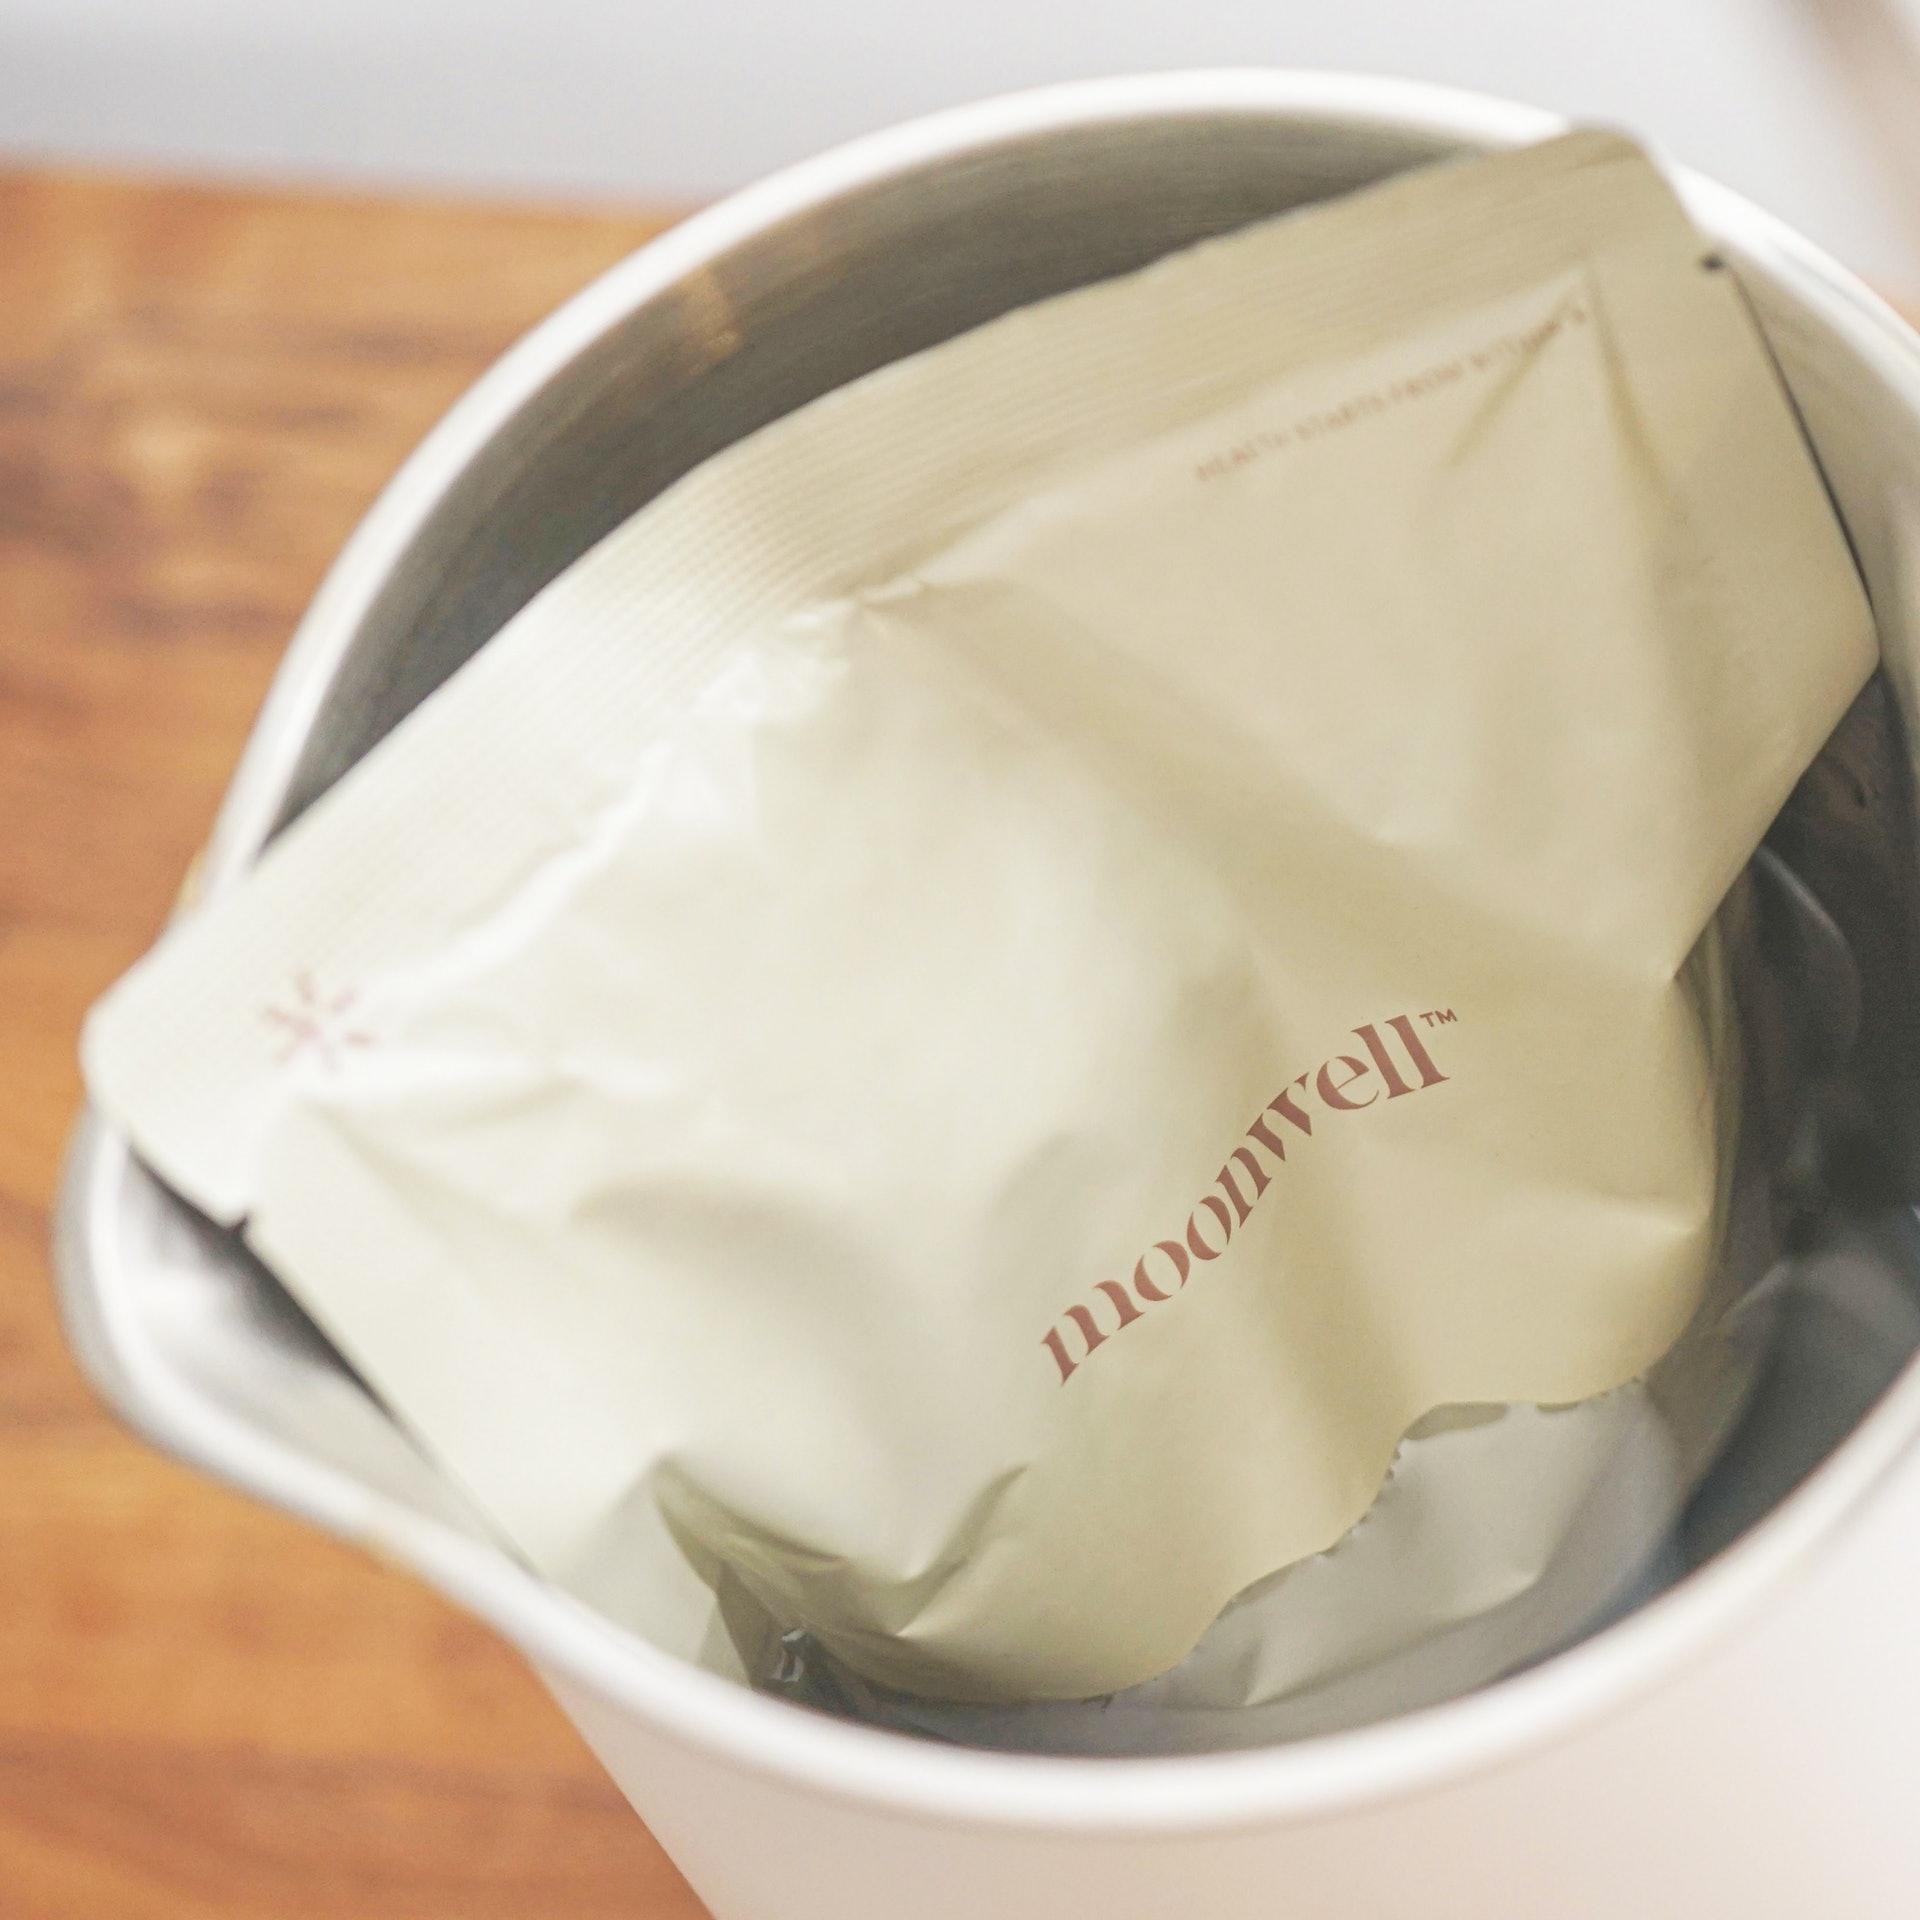 只需將整個湯包放入沸水中原包加熱3至4分鐘,即可飲用美味燉湯。(圖片:moonwell)